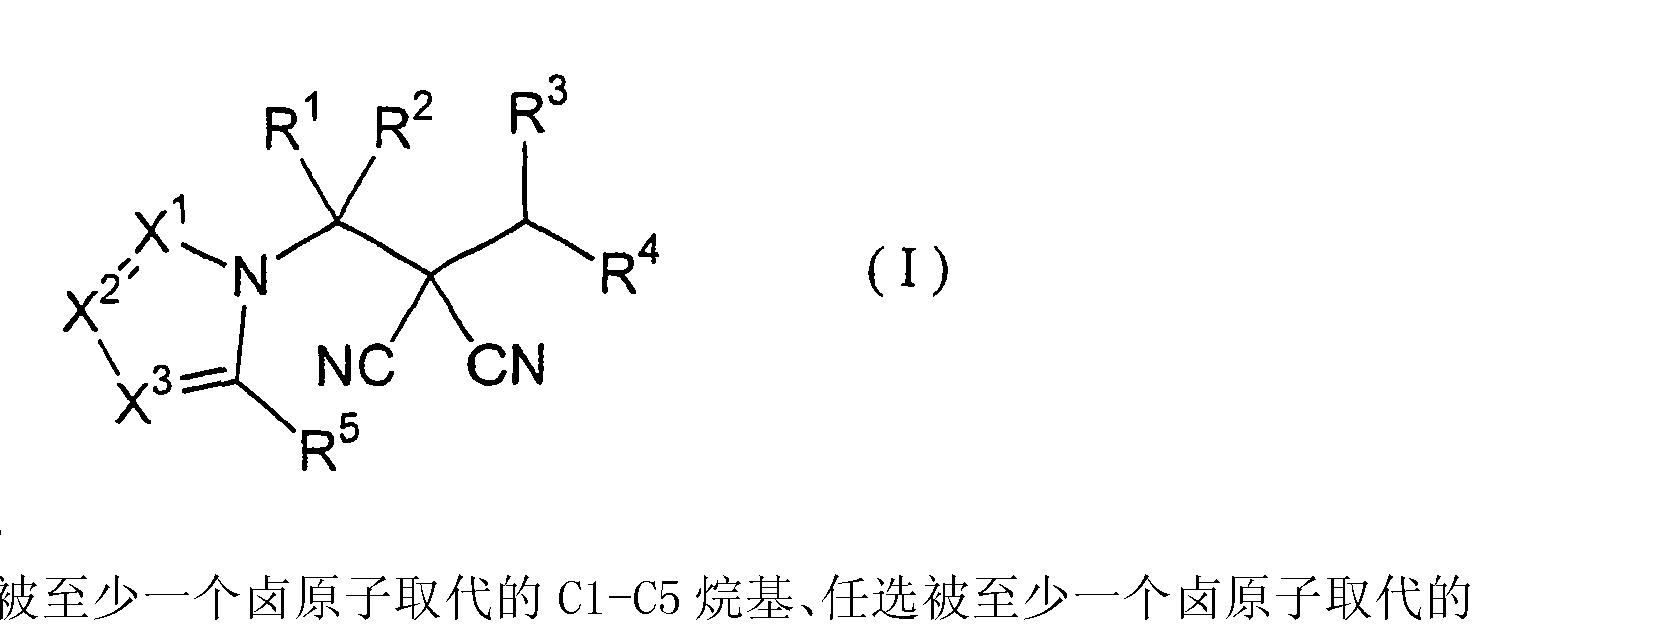 Figure CN101544606BD00031